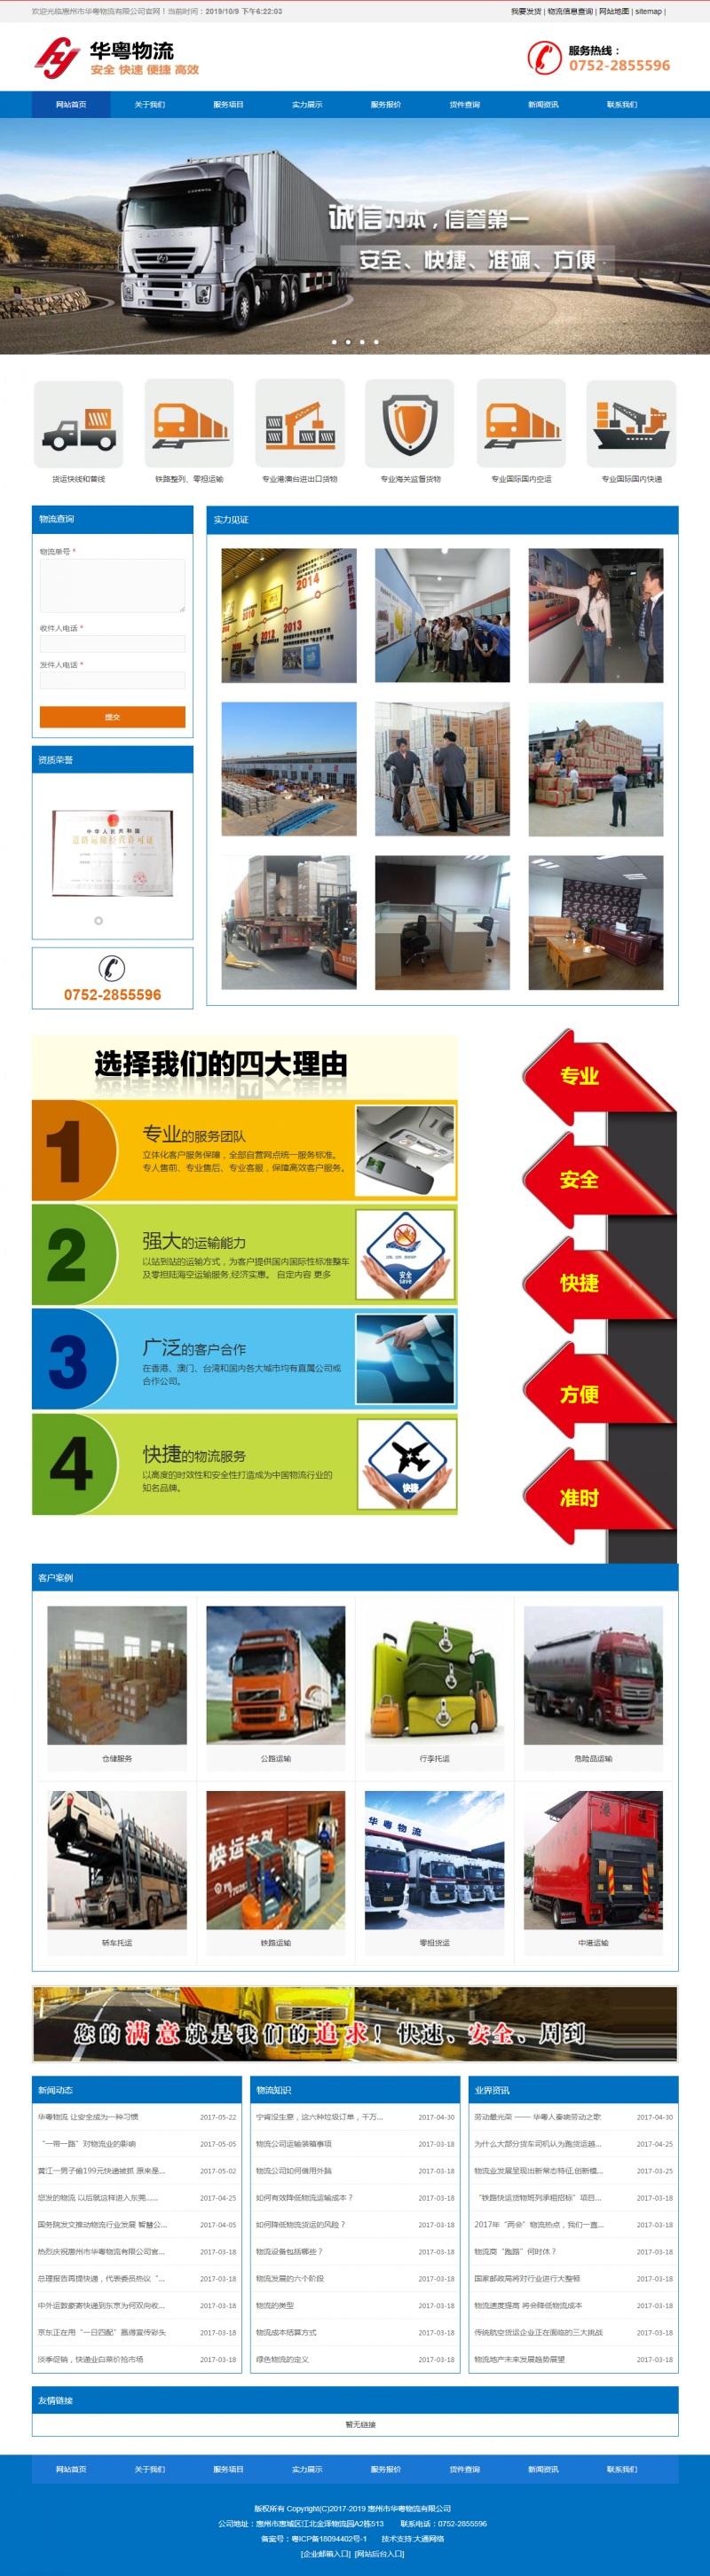 货运物流公司网站建设案例